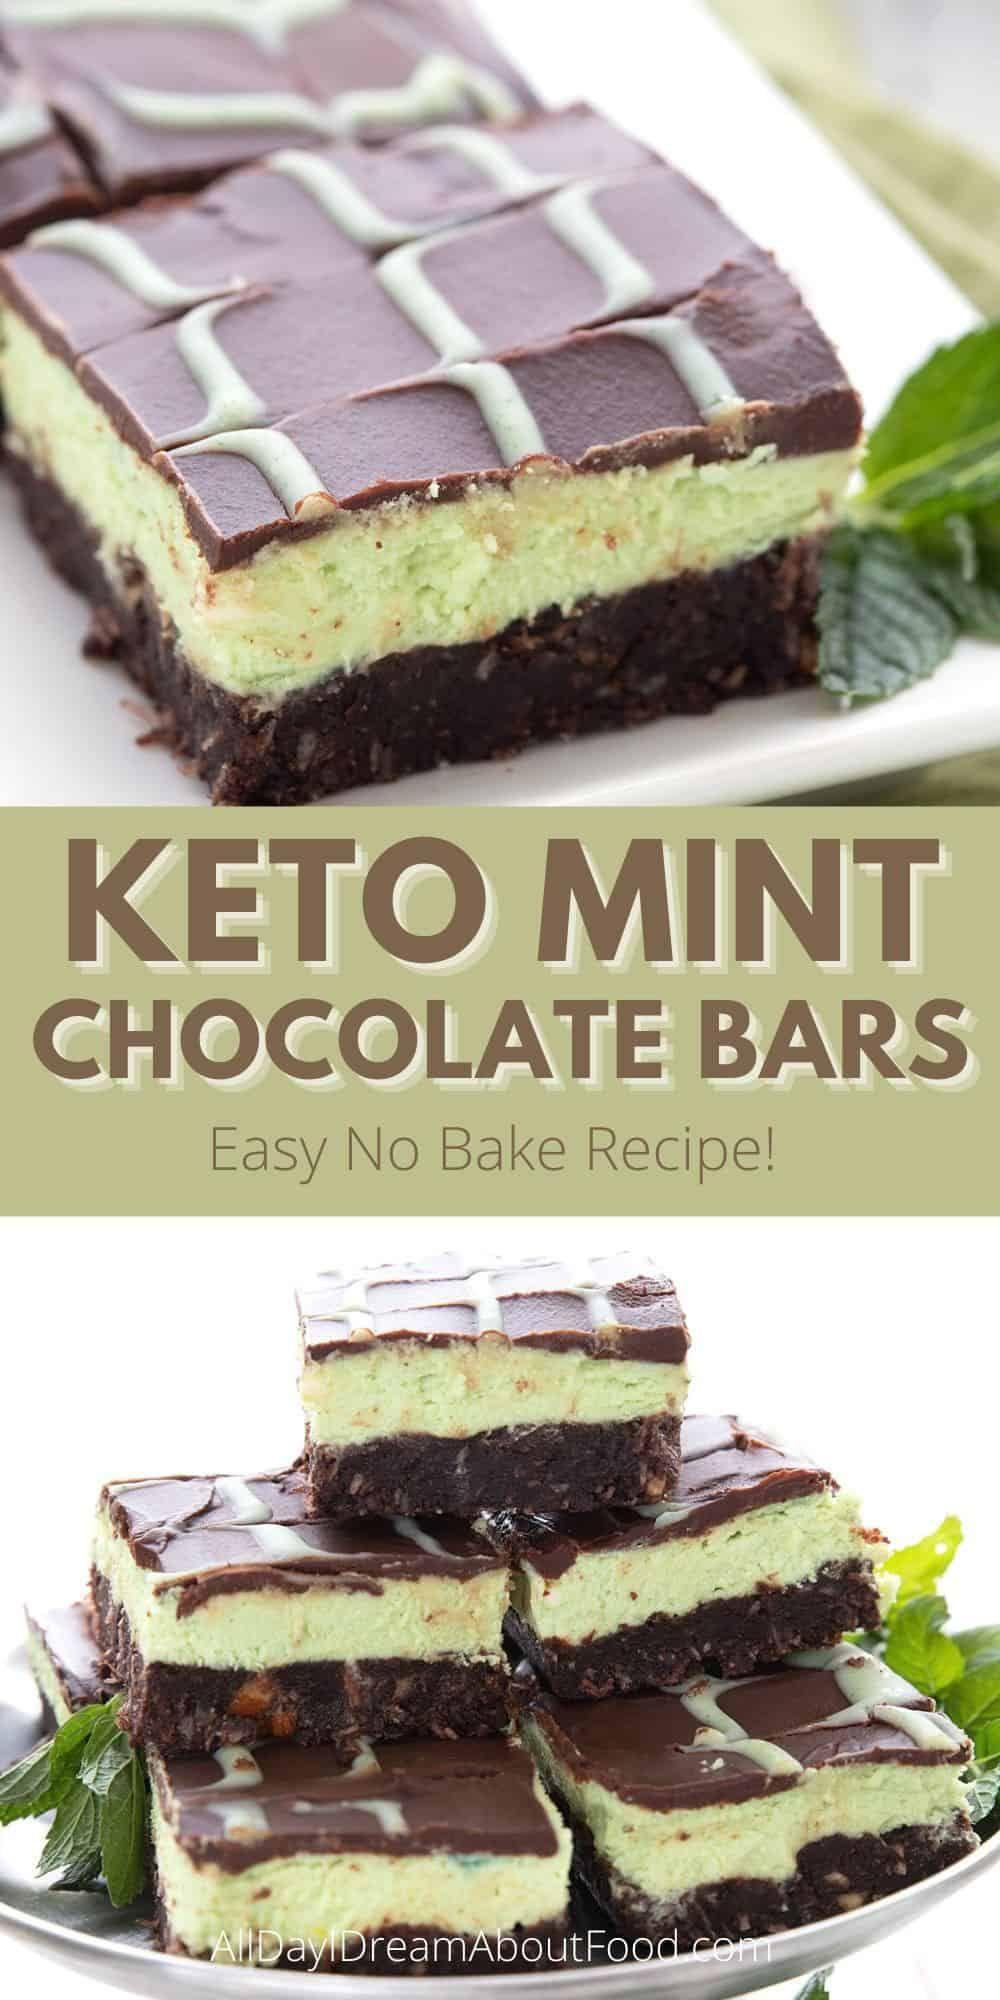 22 Keto Mint Chocolate Bars